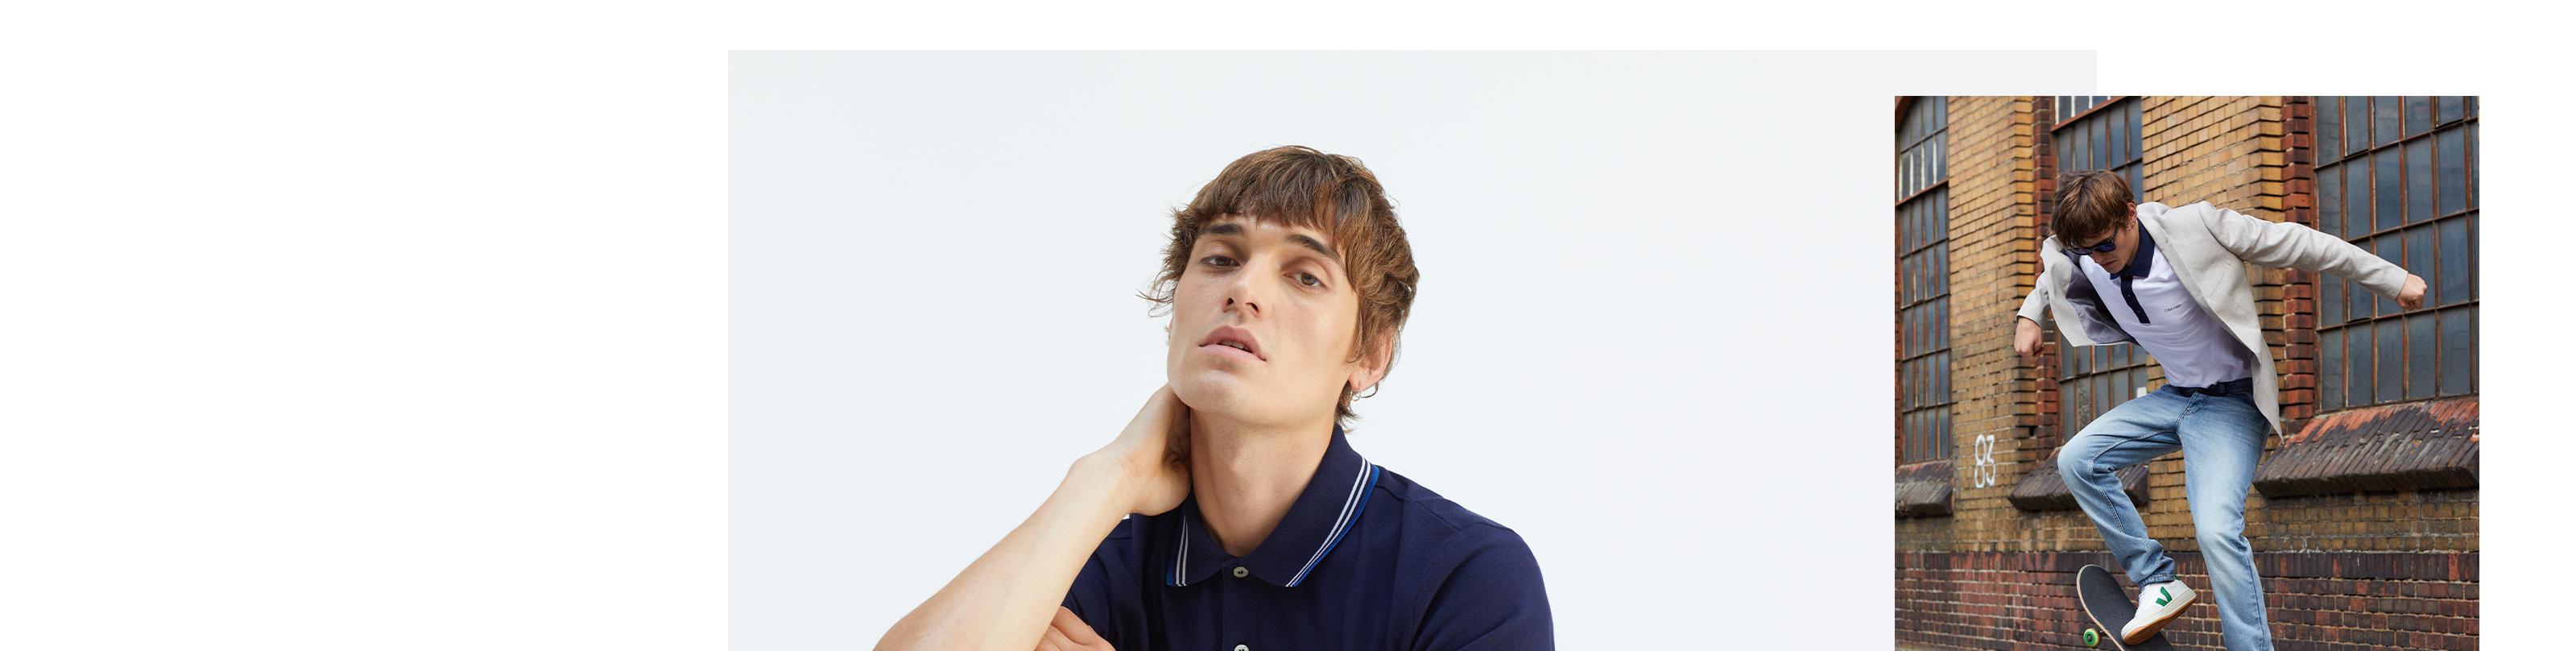 deab919042ff Herrkläder | Köp herrkläder online på Zalando.se